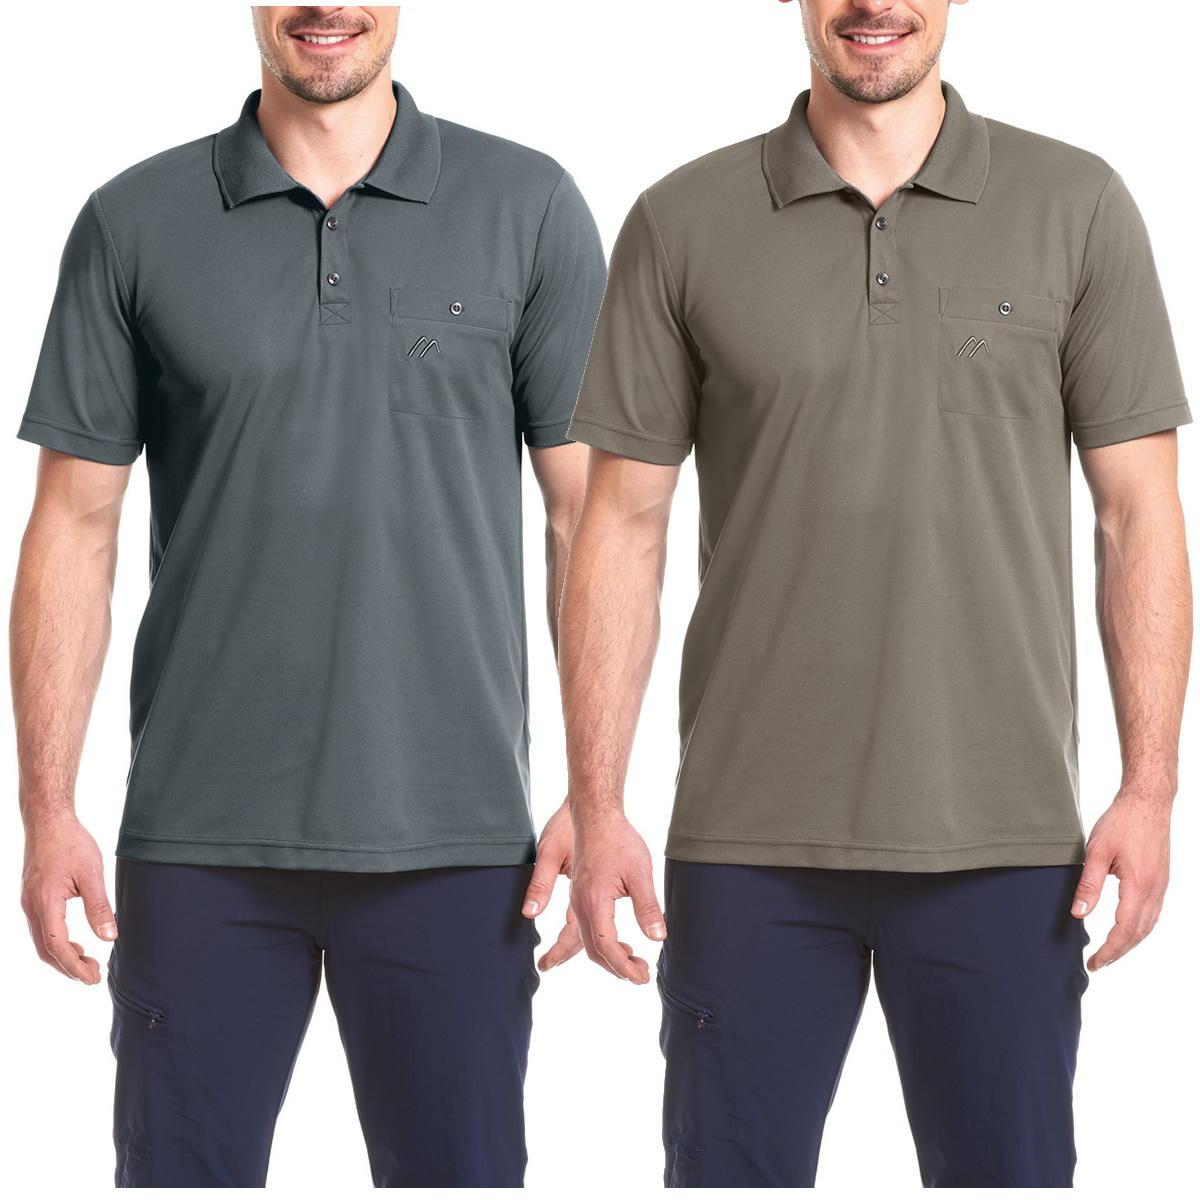 Maier Arwin Herren Funktions-Polo-Shirt mit Brusttasche